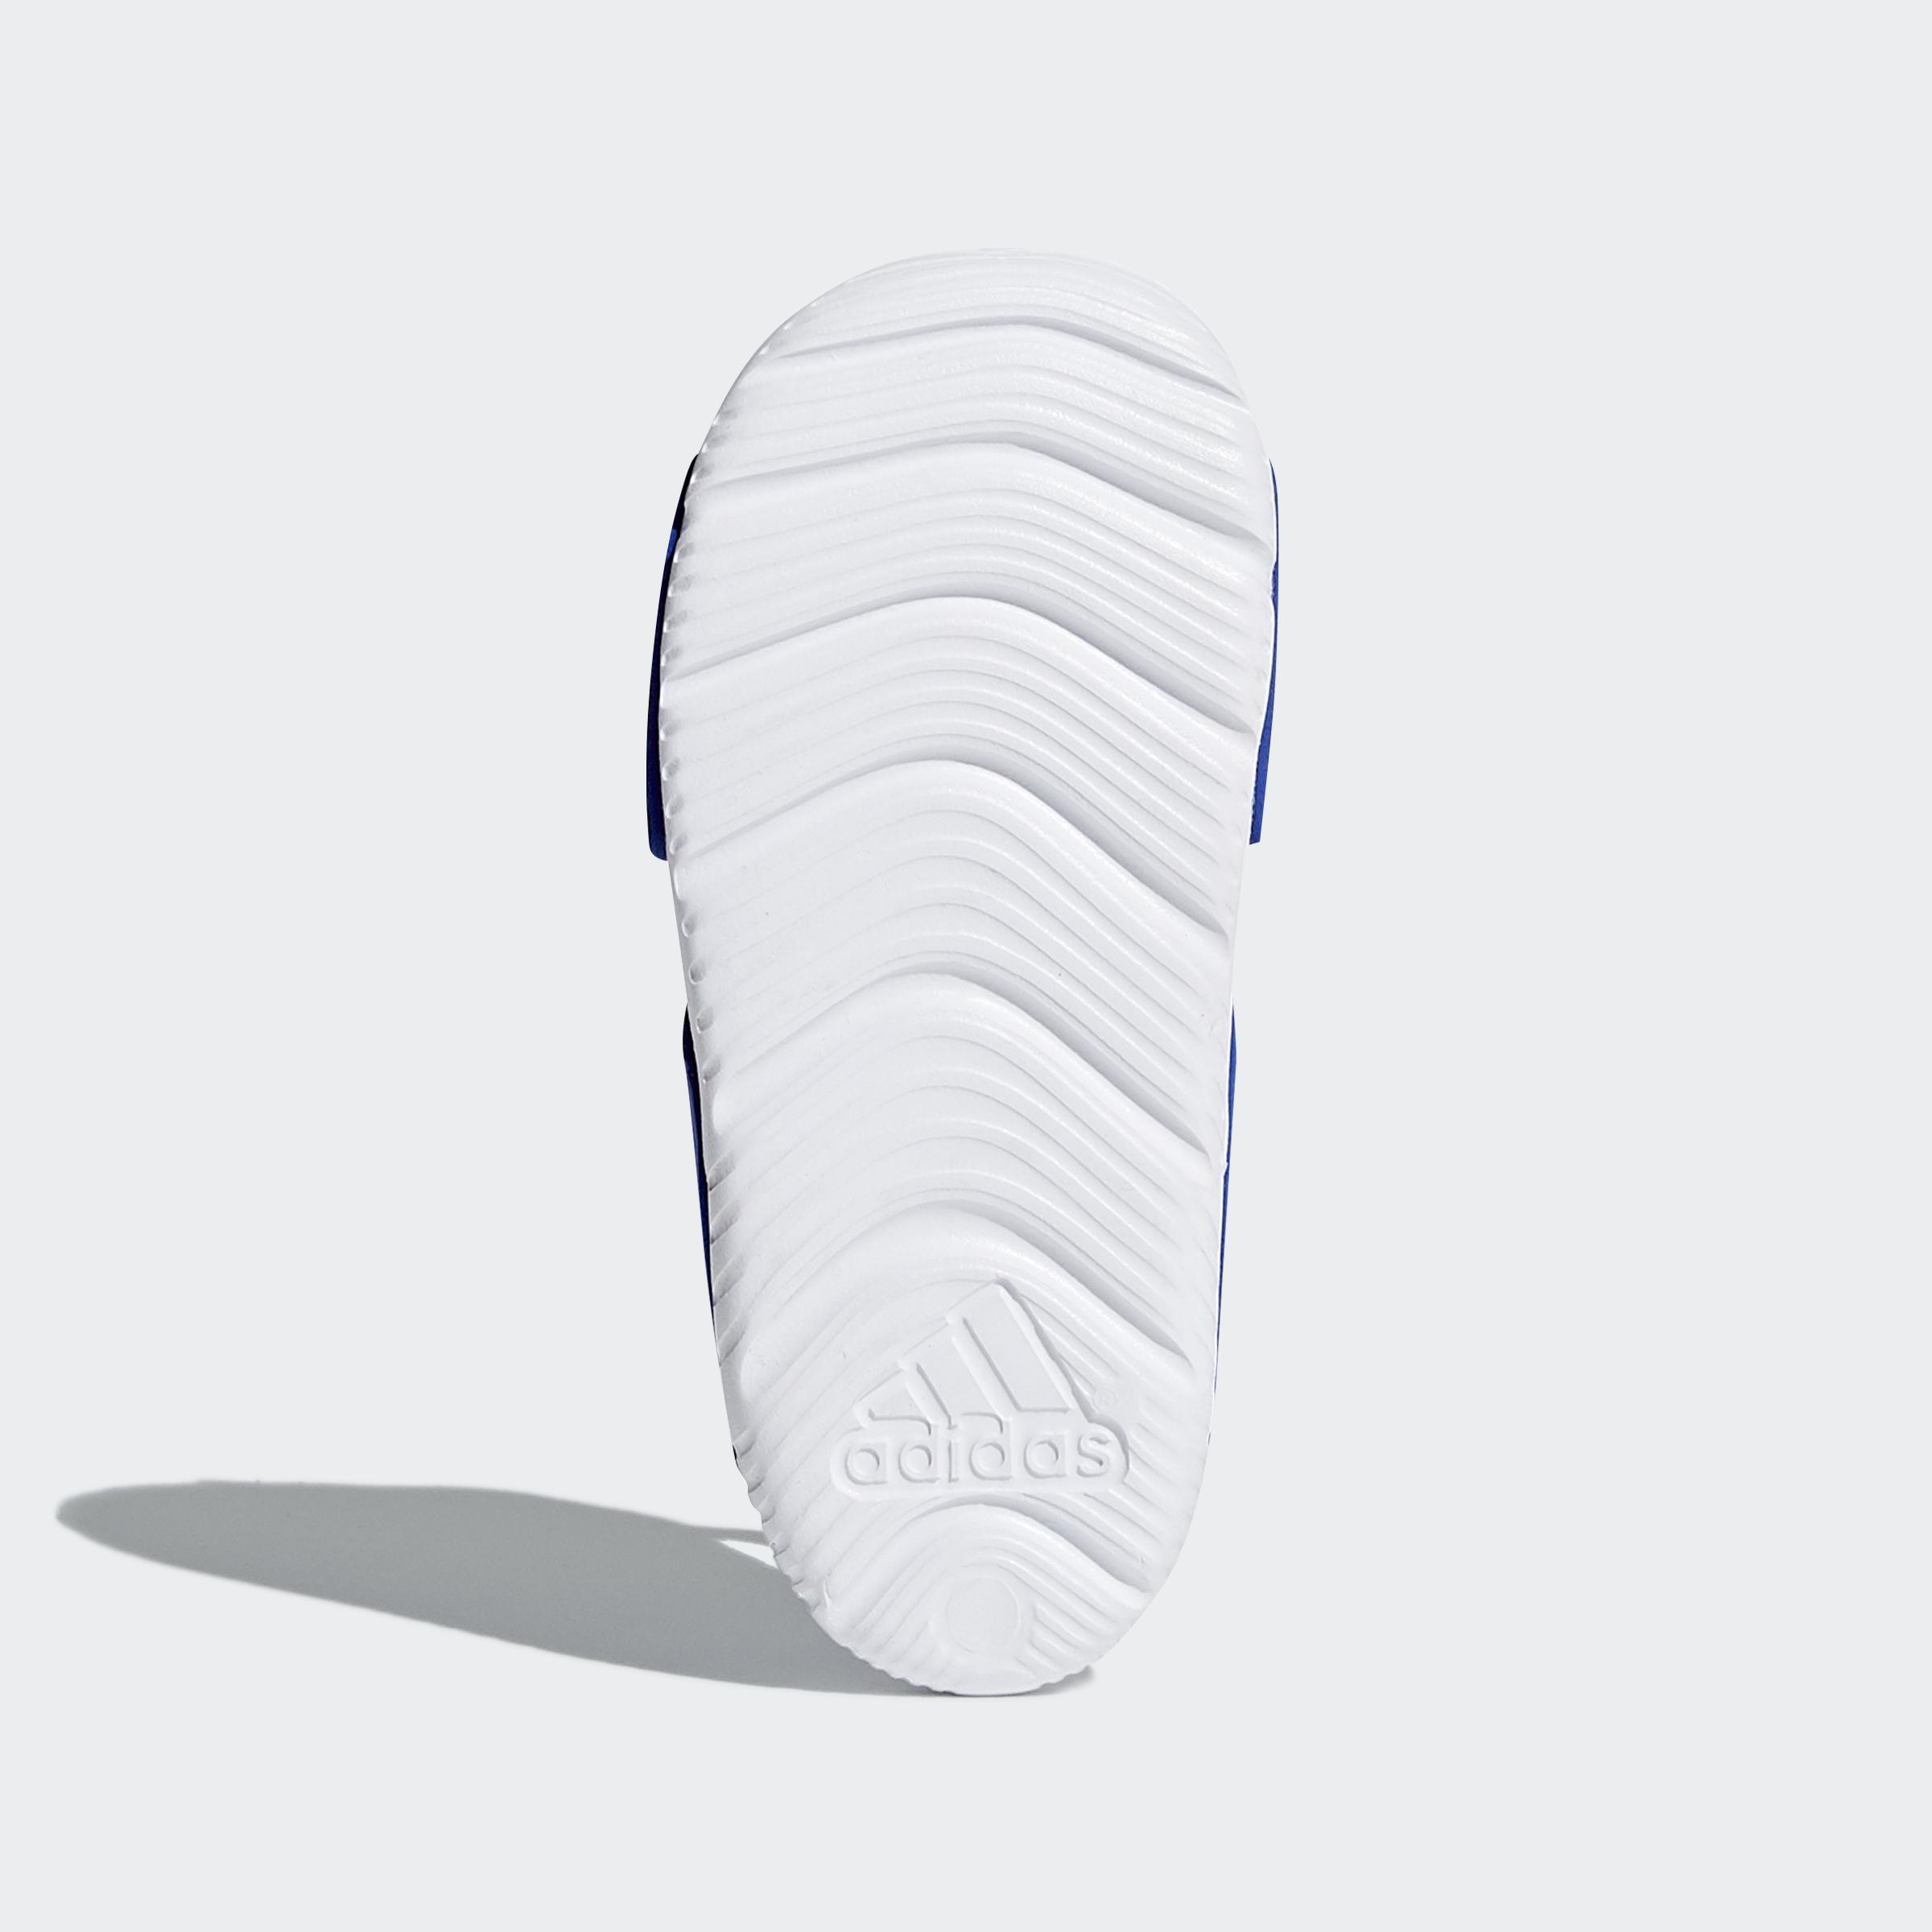 19f95ddb6689 Adidas AltaSwim Sandals at £13.96